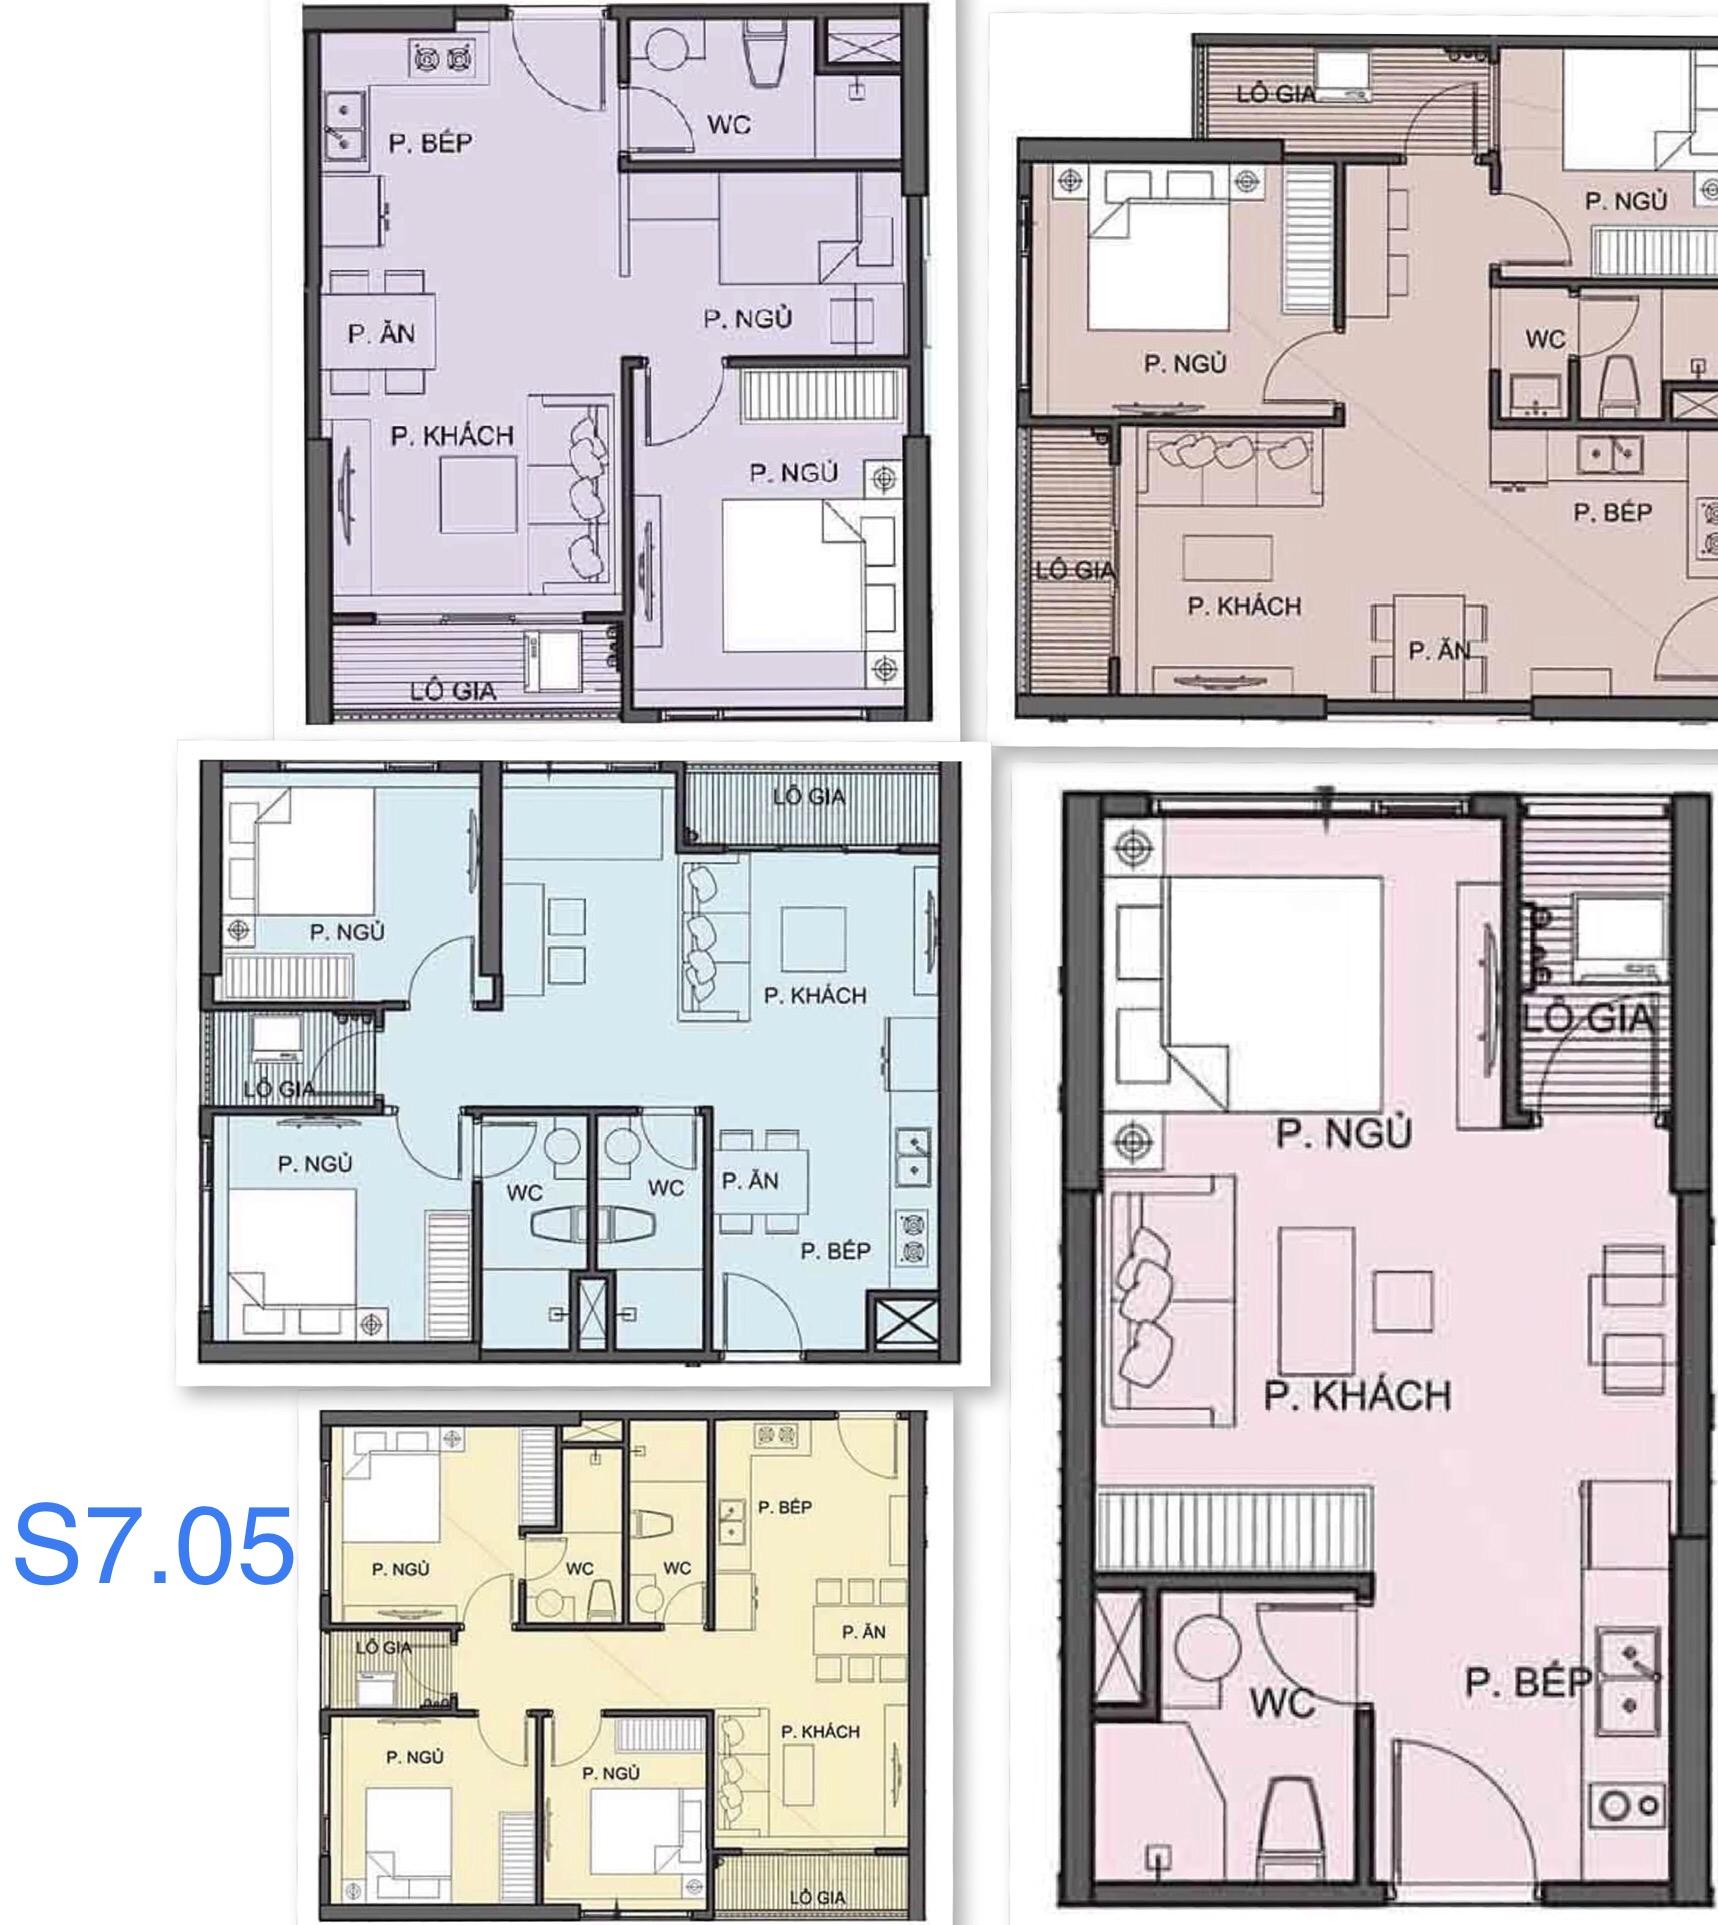 cho thuê căn hộ S7.05 Vinhomes Grand Park